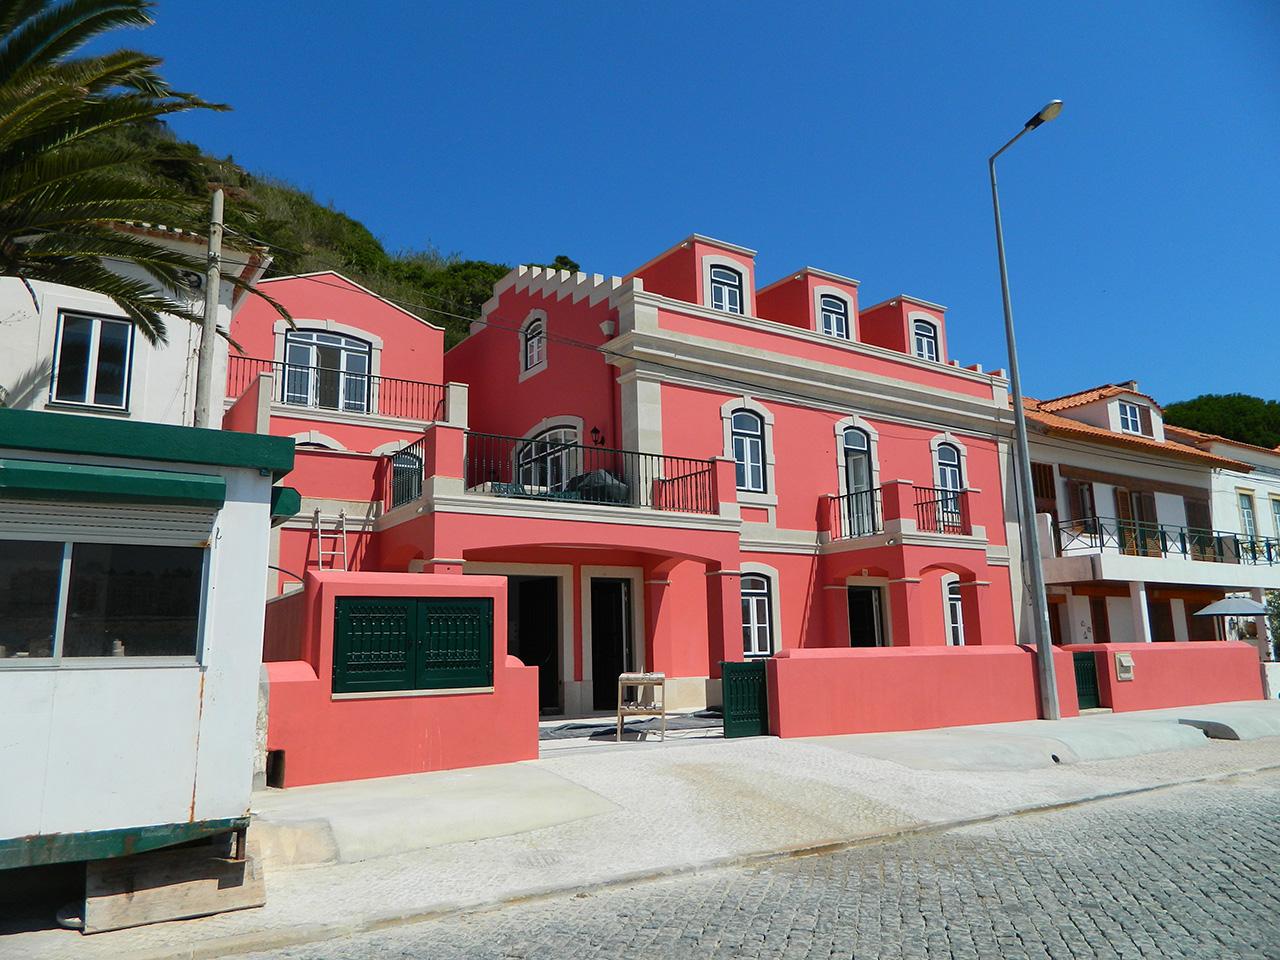 Single Family House Reconstruction – São Martinho do Porto